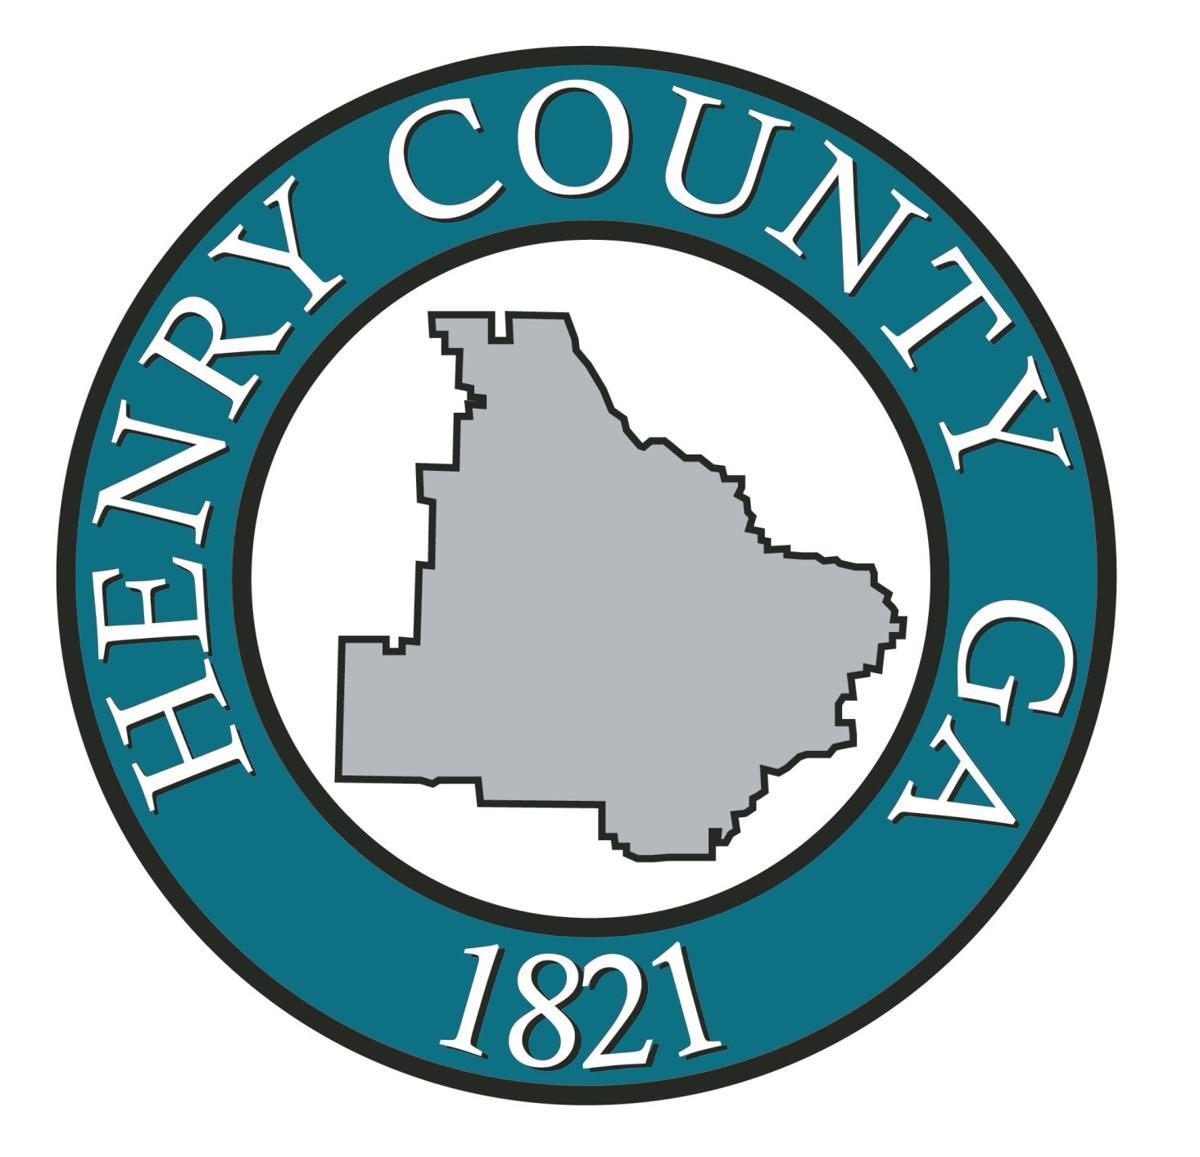 Henry County Small Business Restart Program